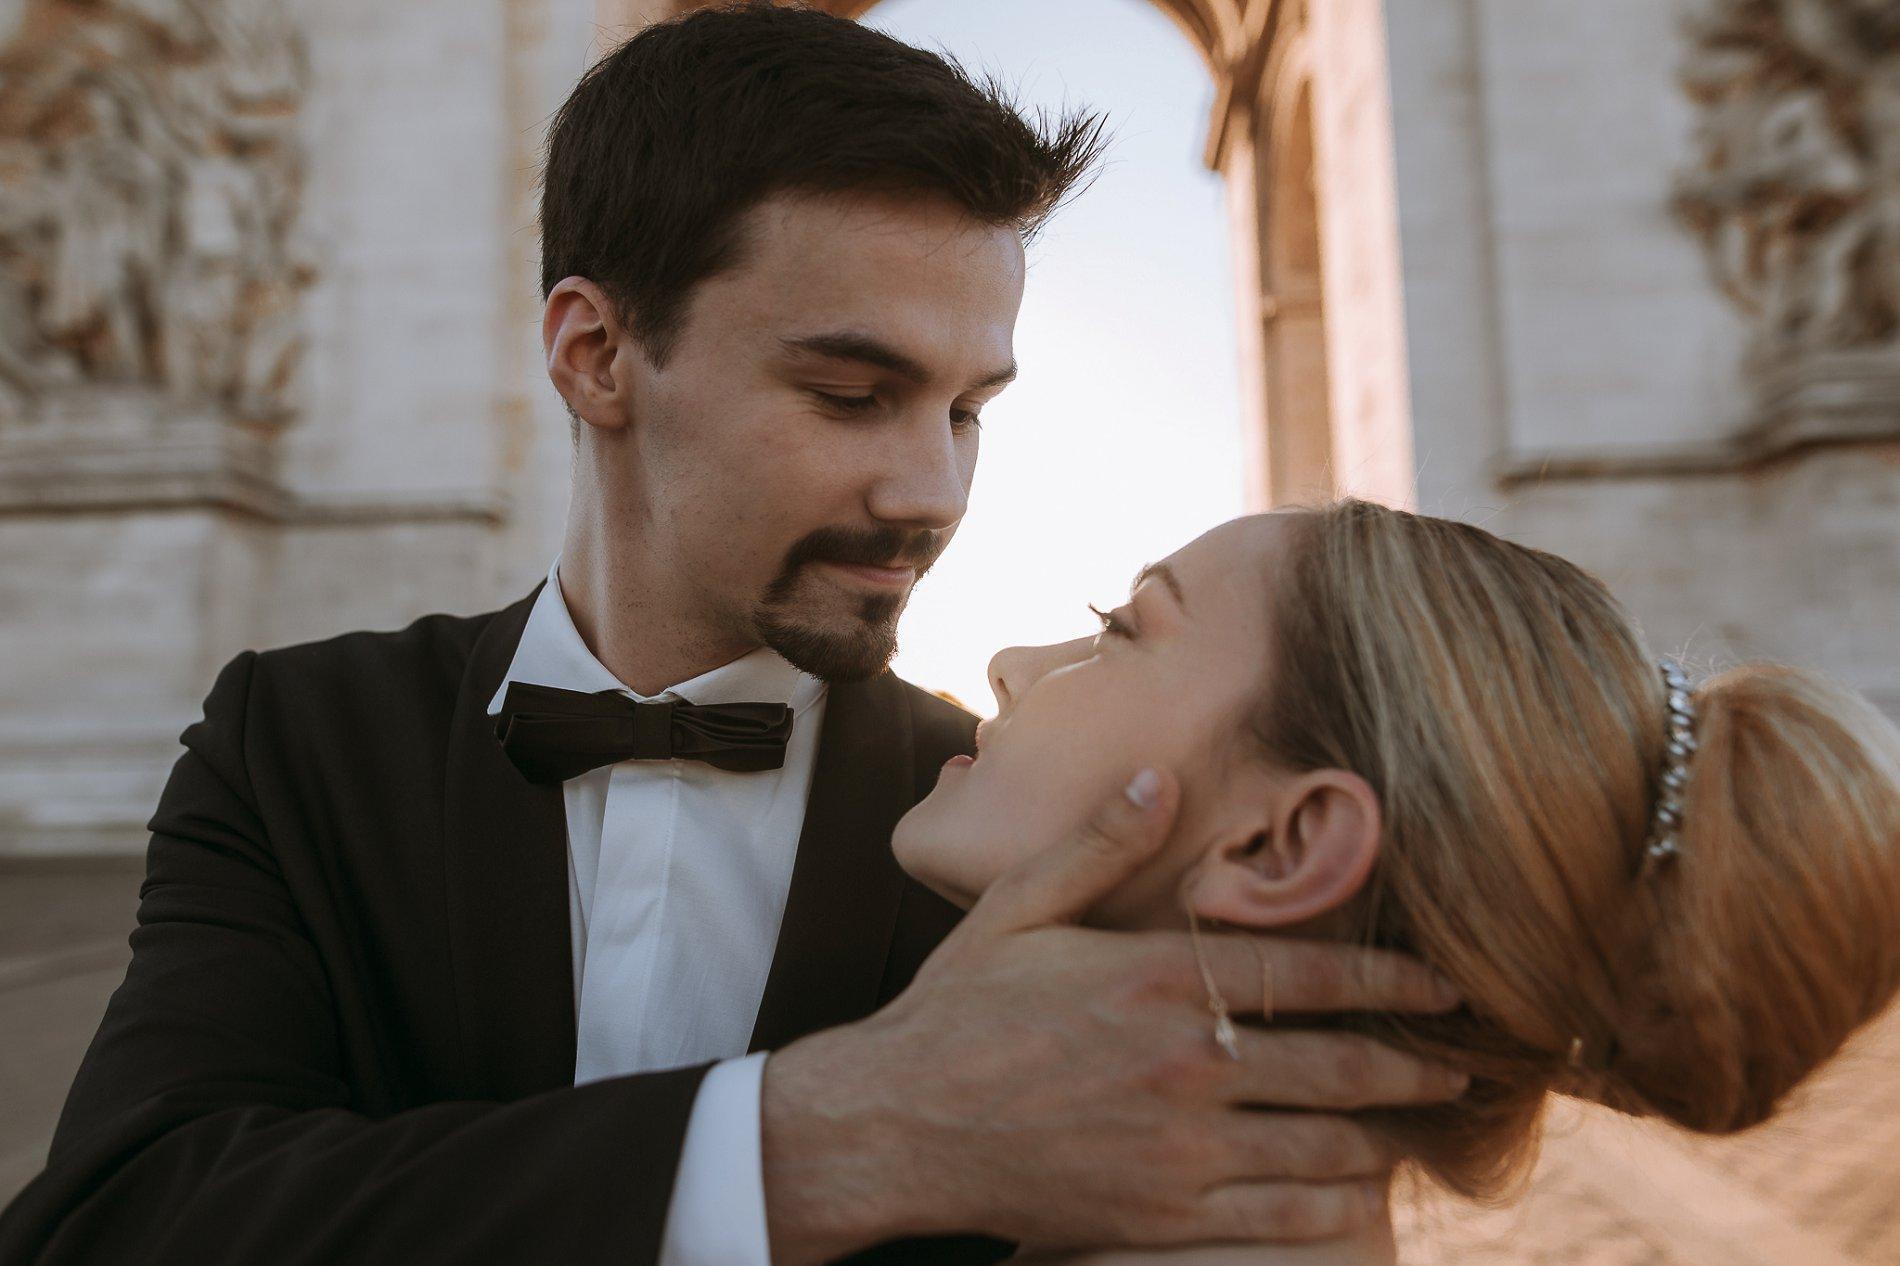 Miss He Bridal Romantic Paris Elopement (c) Xanthe Rowland Photography (39)